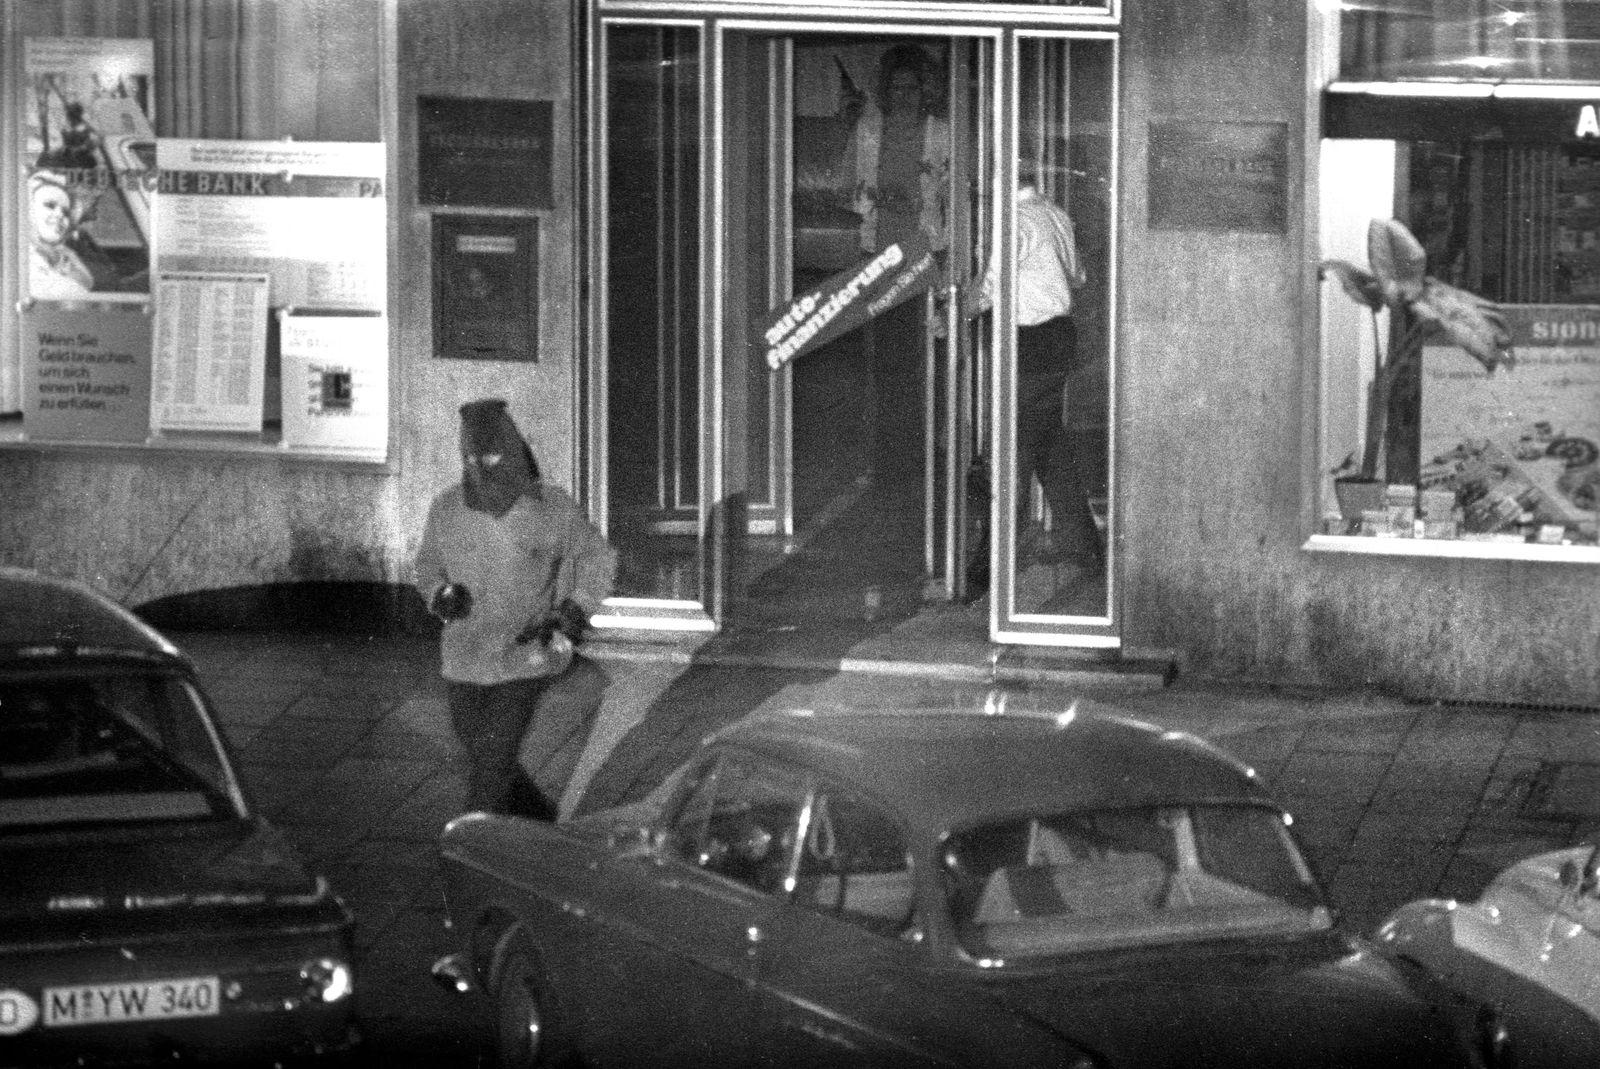 Überfall auf Deutschen Bank Prinzregentenstraße in München am 04.08.1971. Erster Banküberfall mit Geiselnahme in der Bu